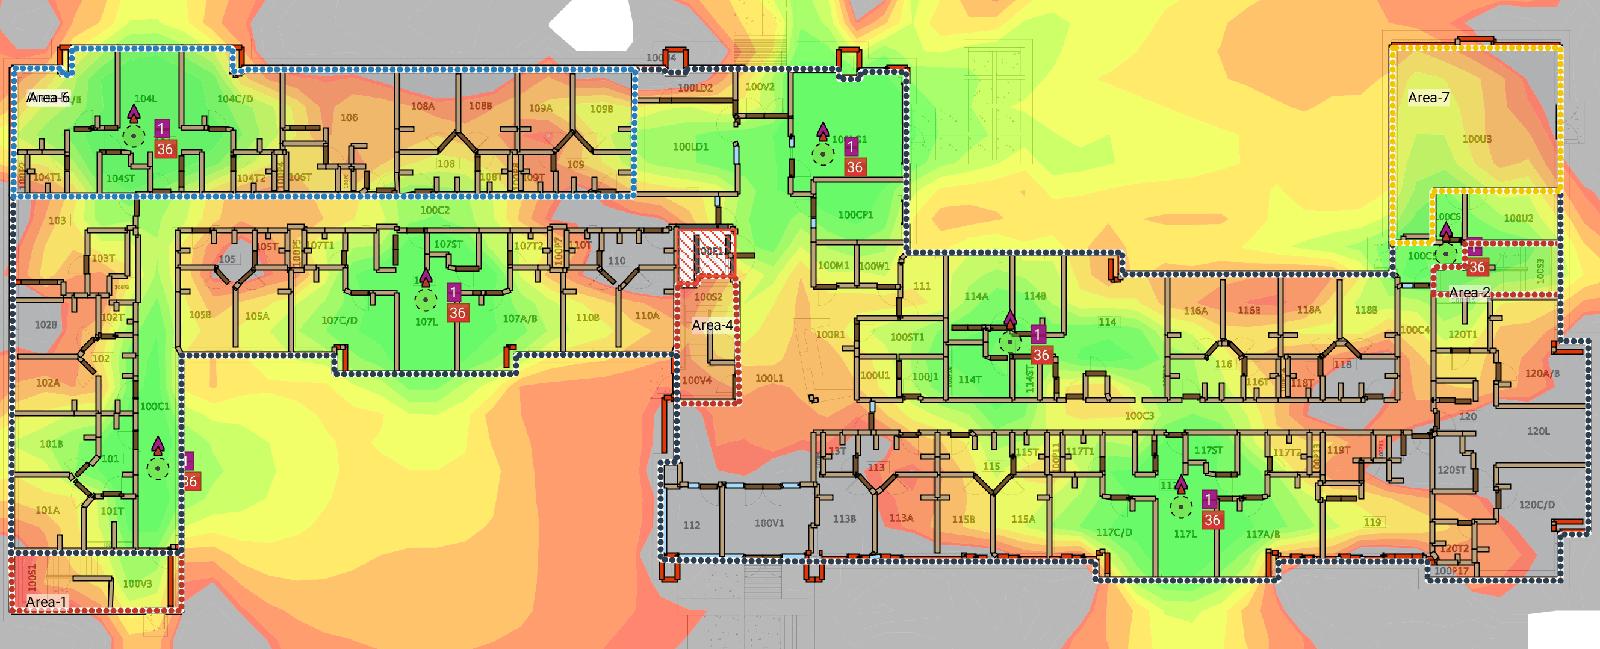 heatmap wifi